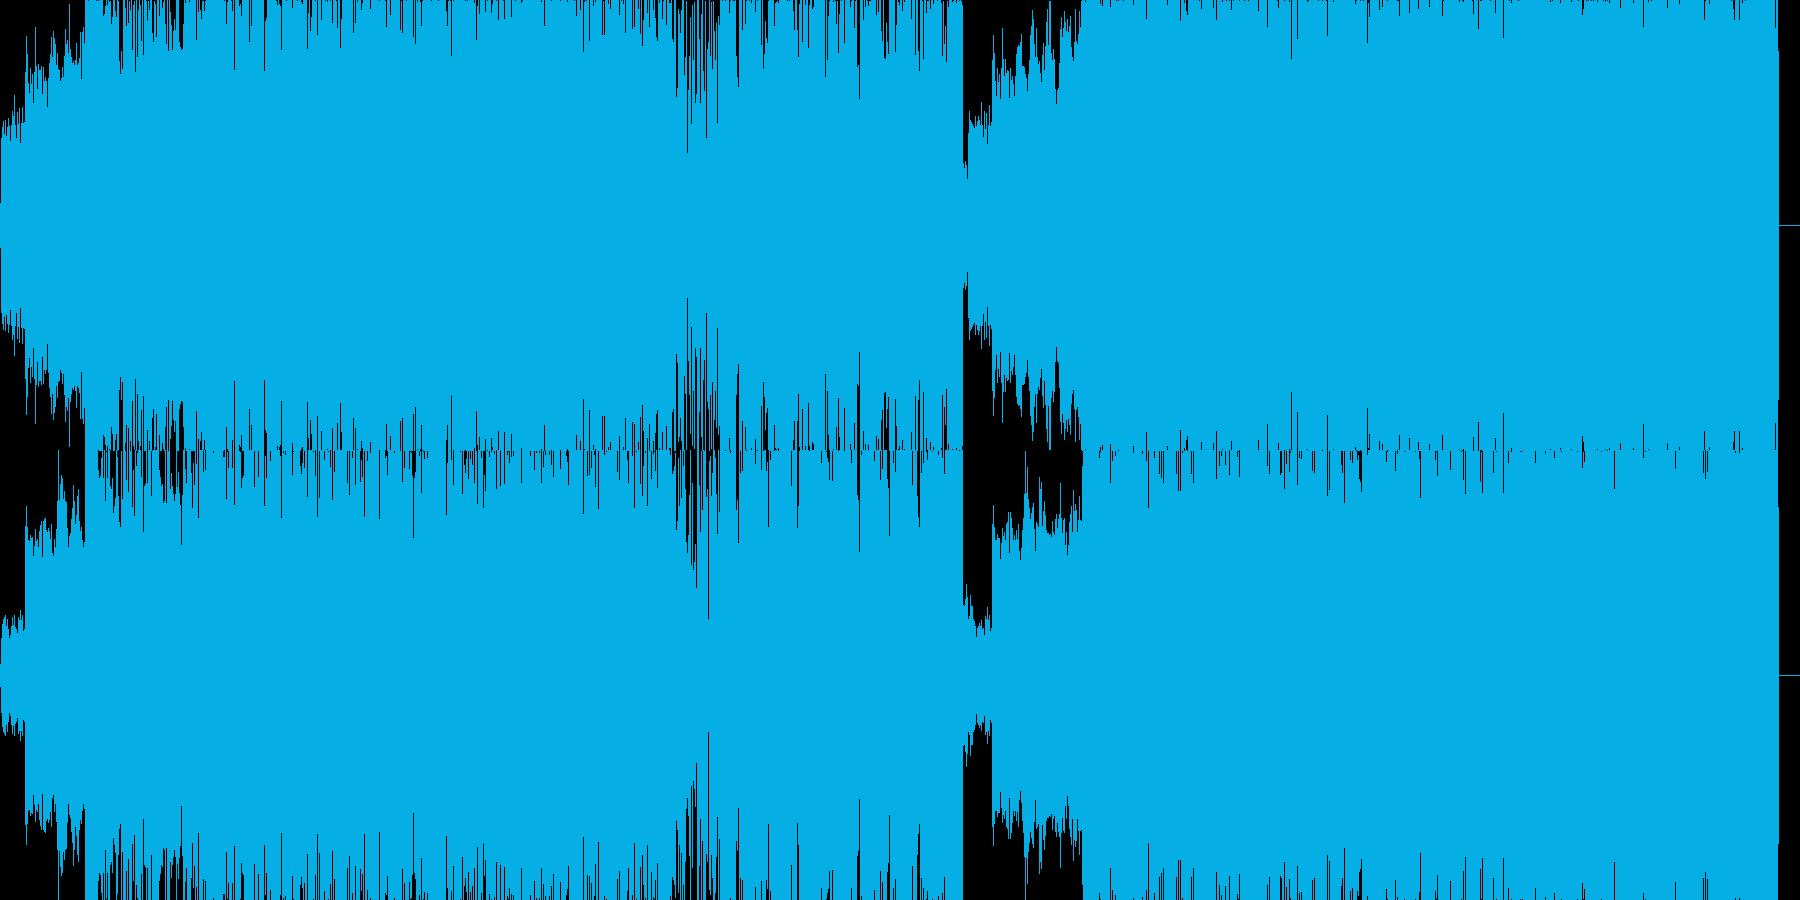 獣の遠吠のような音をノイズで押してくの再生済みの波形